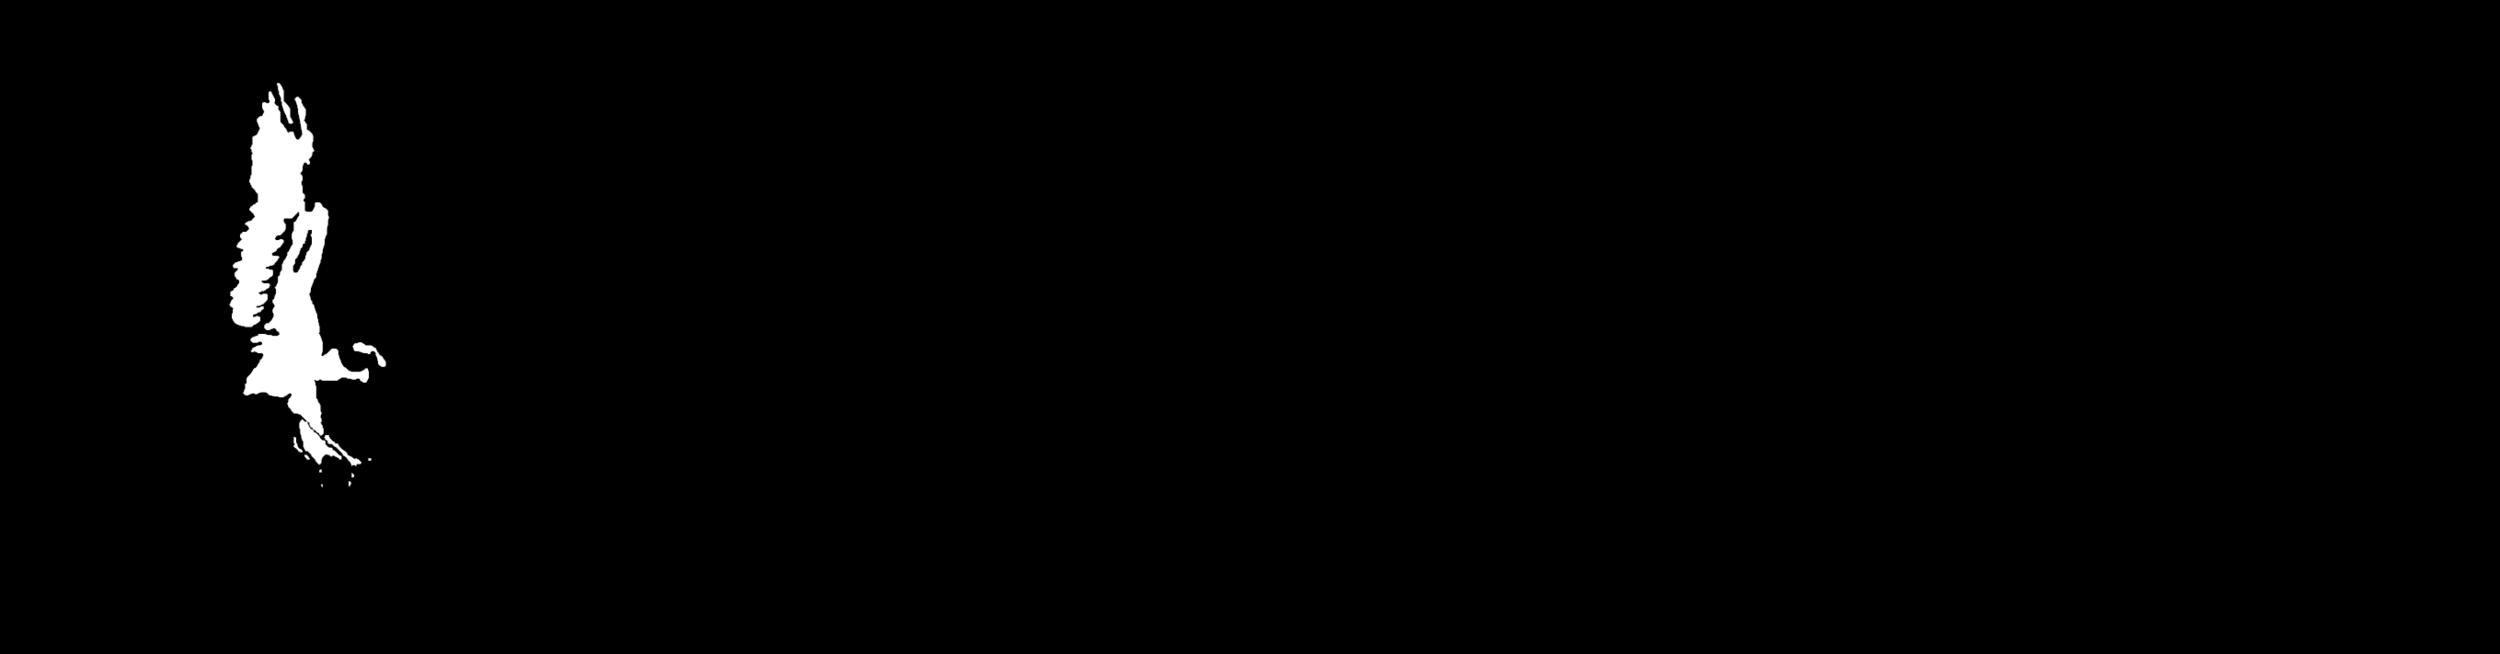 Cataraqui Region Conservation Authority